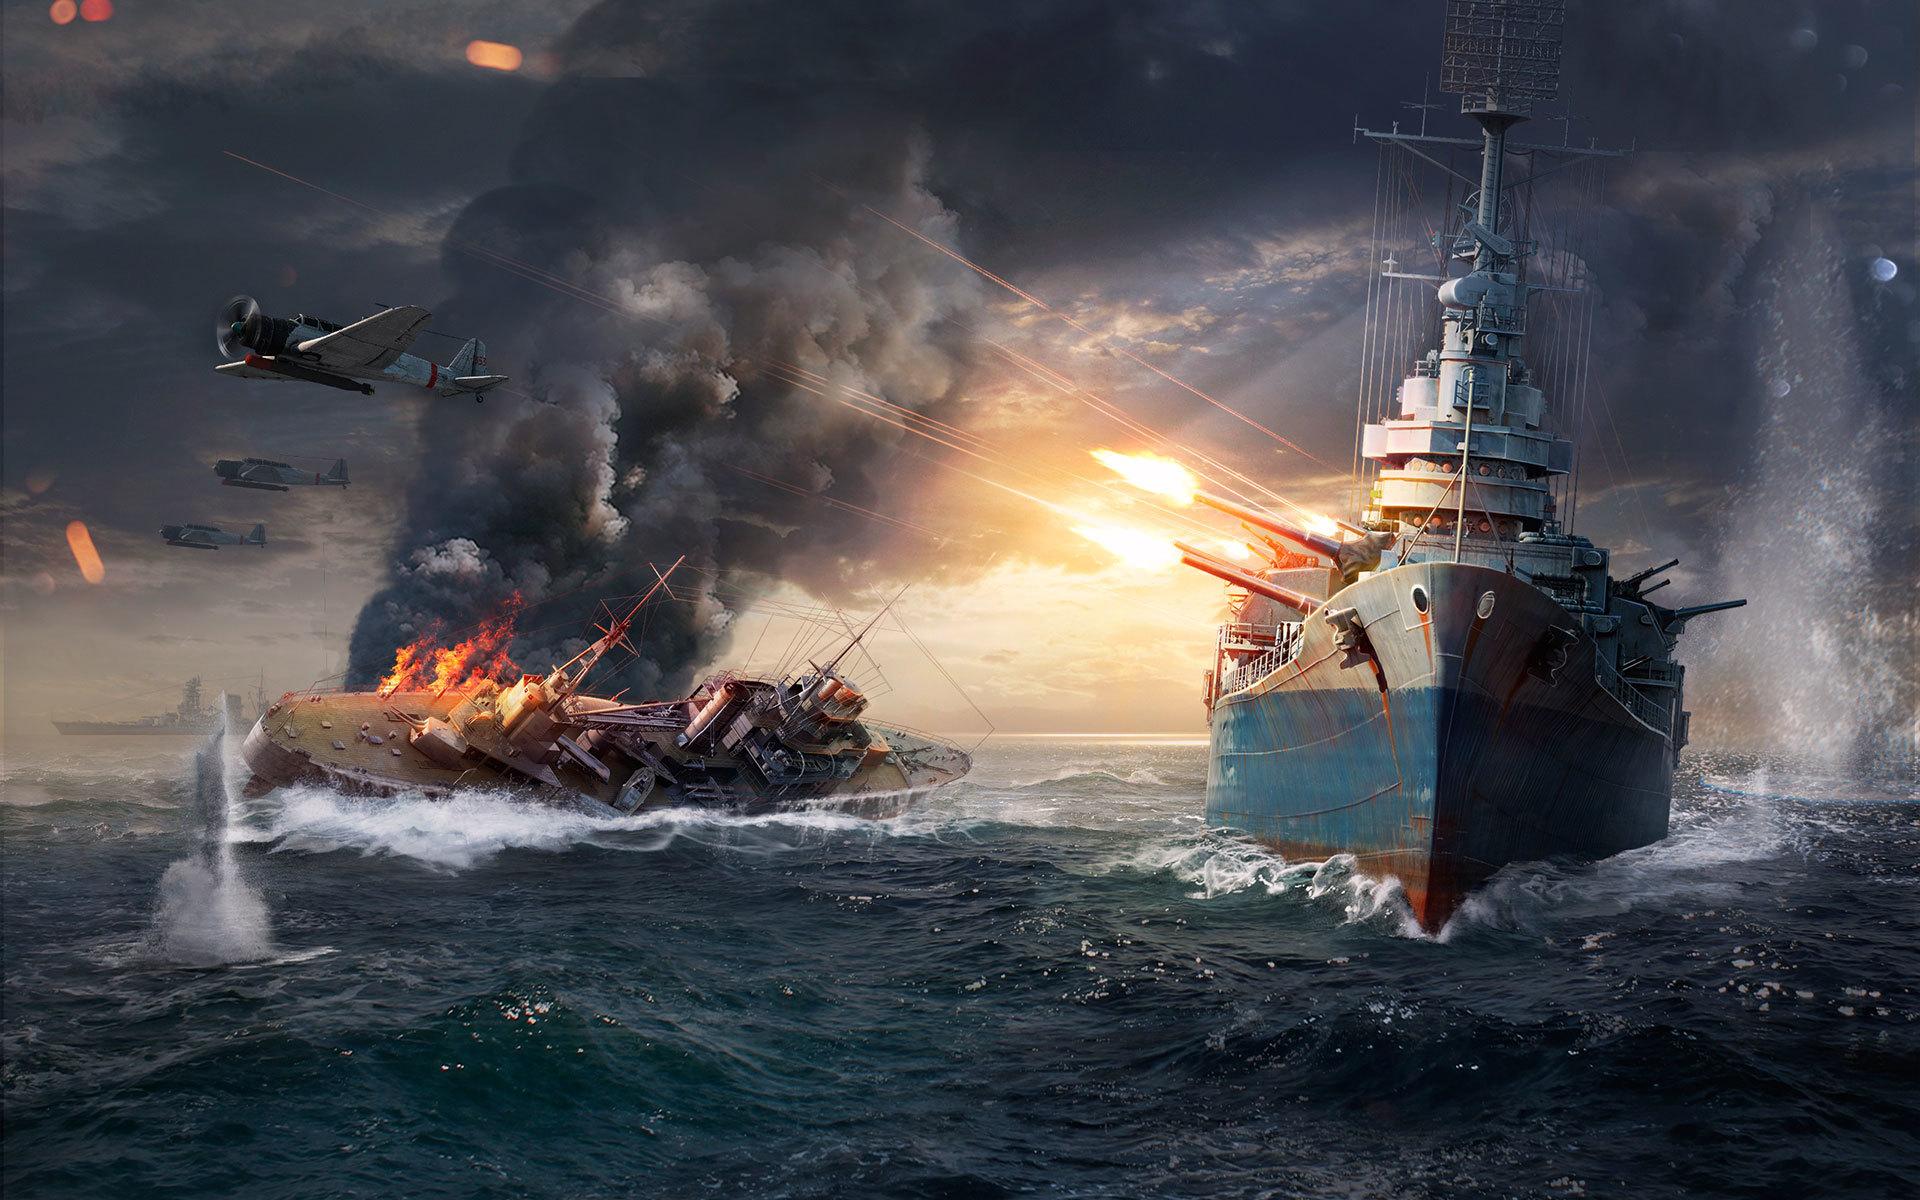 обои для рабочего стола world of warships 1280x1024 № 248380 бесплатно